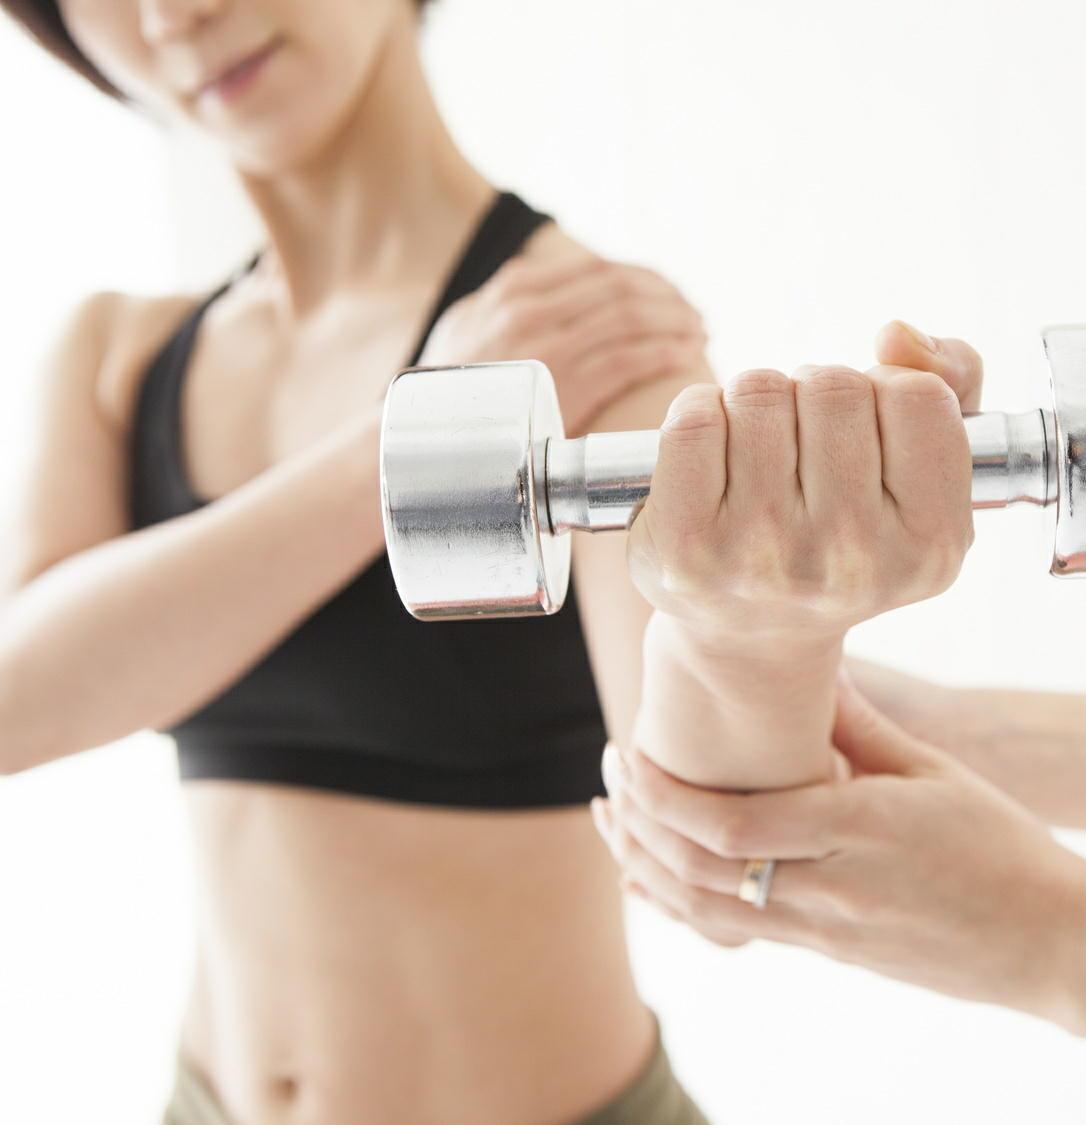 運動の効果が上がらないのは「運動抵抗性」のせい 原因ホルモンが判明